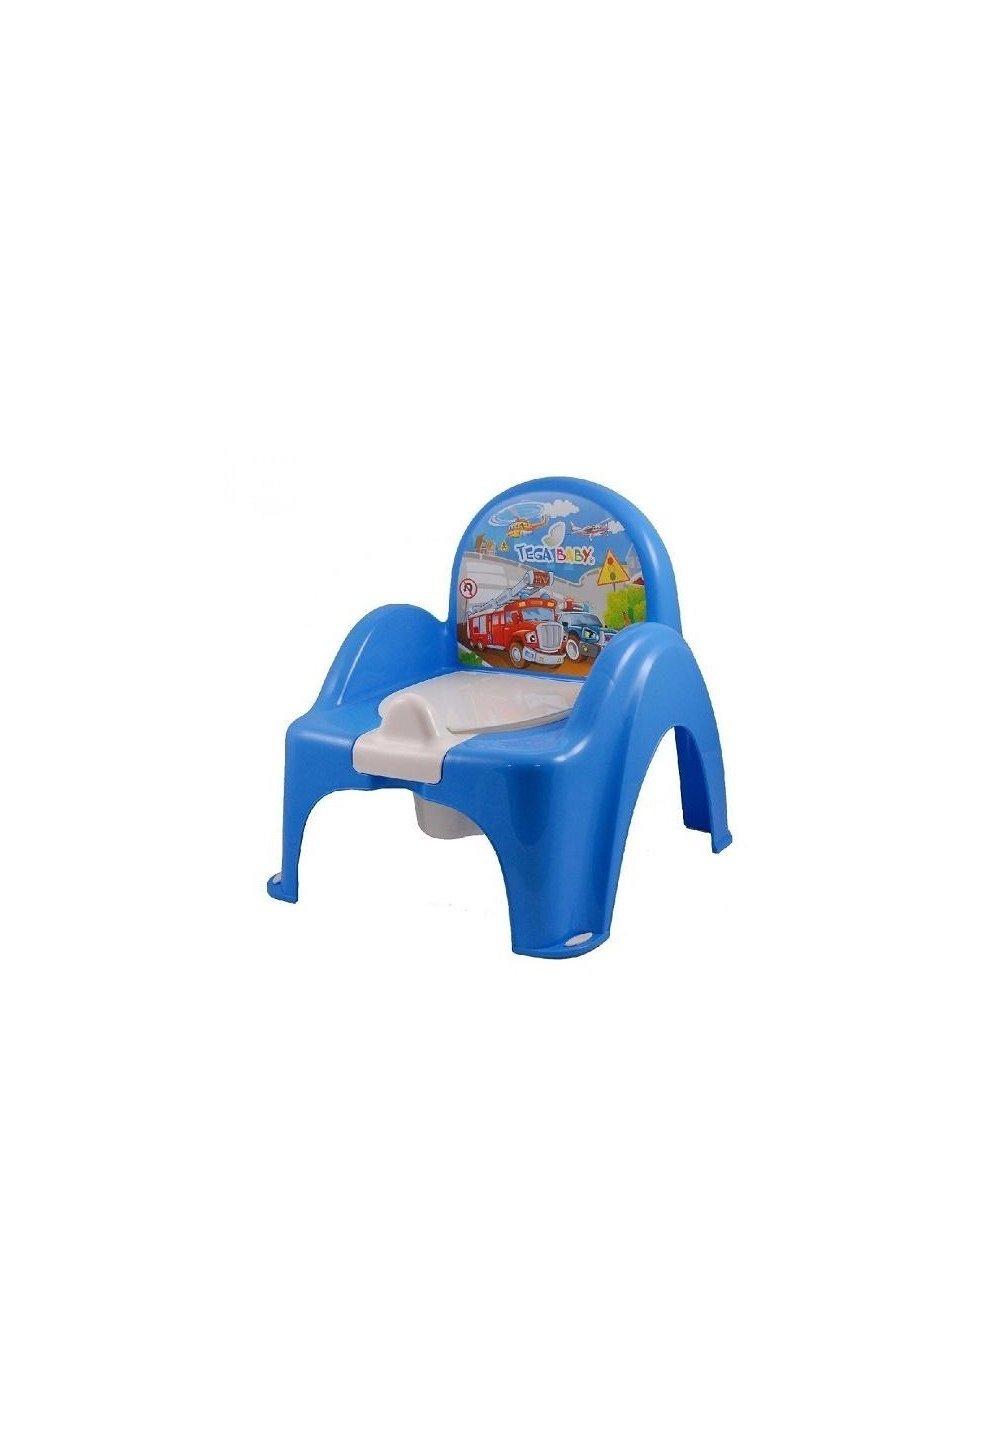 Olita scaunel, Masinute, albastra imagine